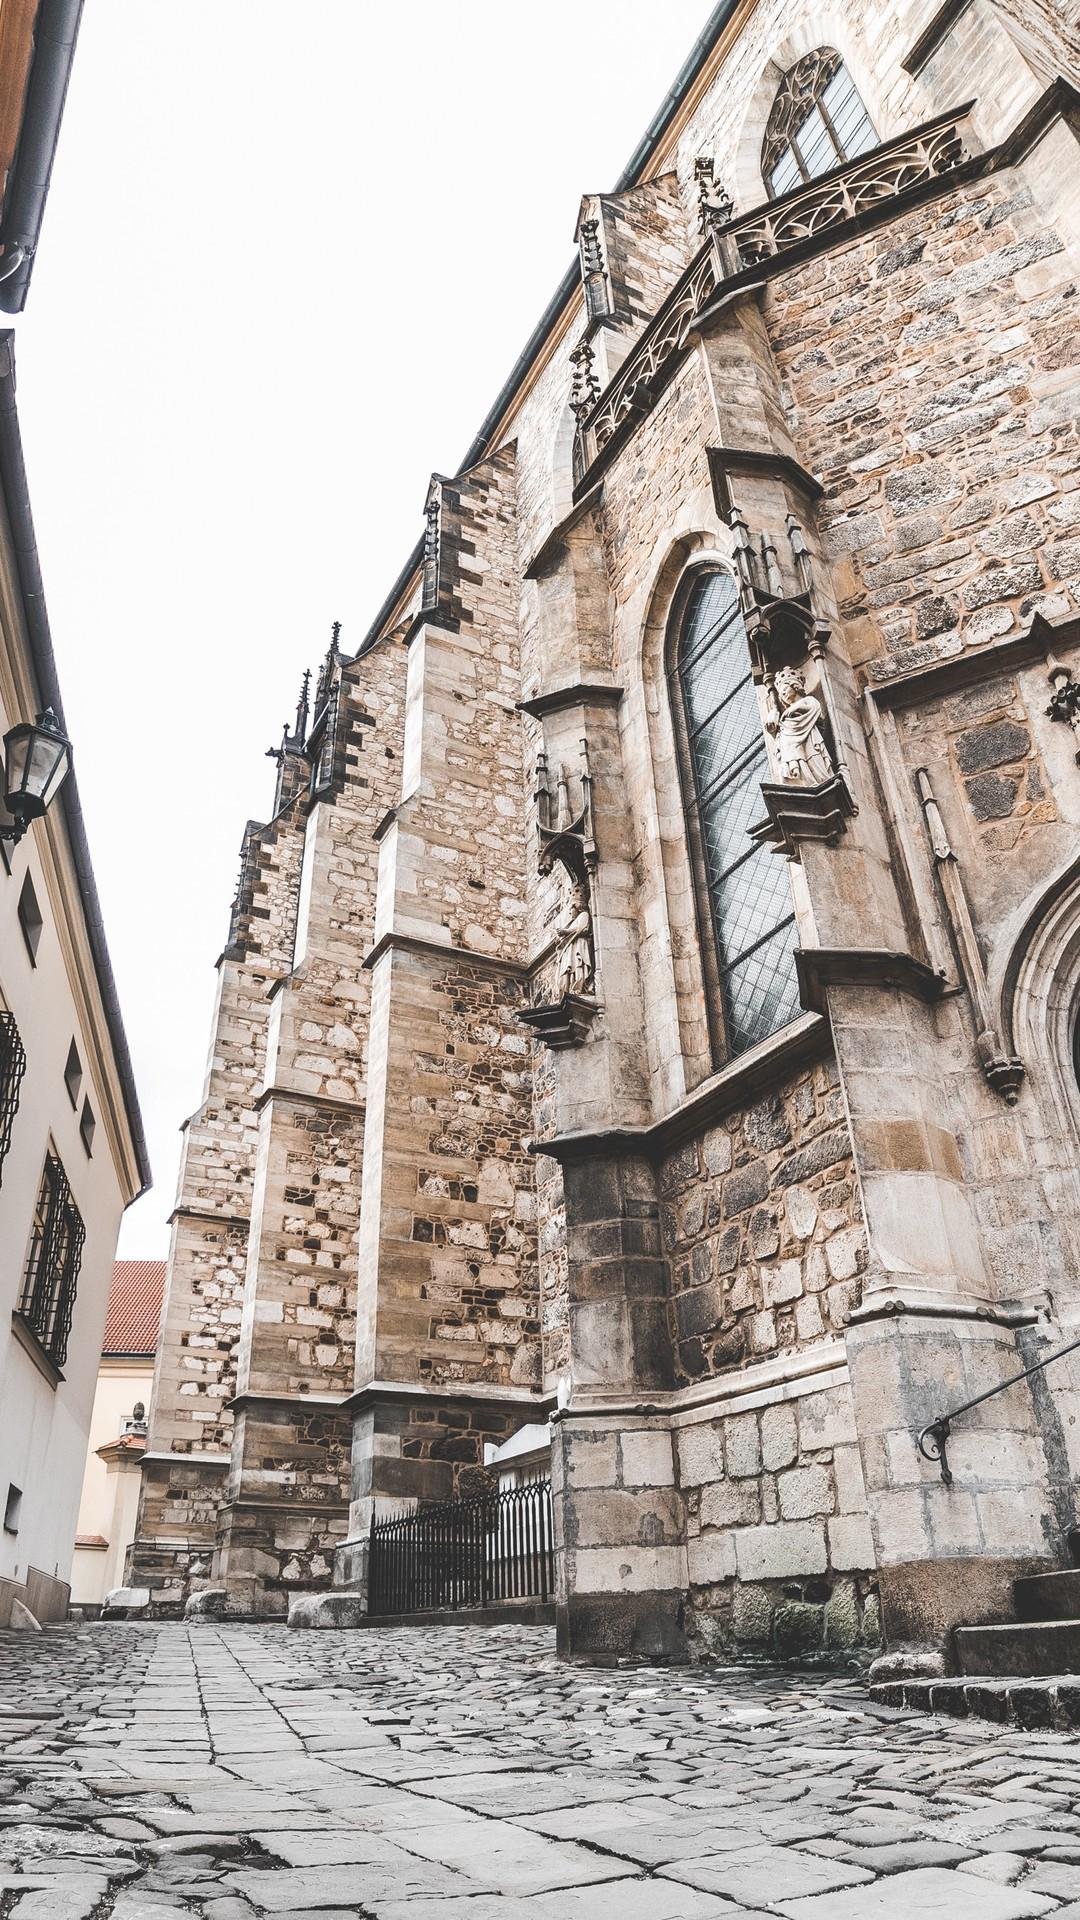 风光旖旎的欧洲小镇高清图片壁纸